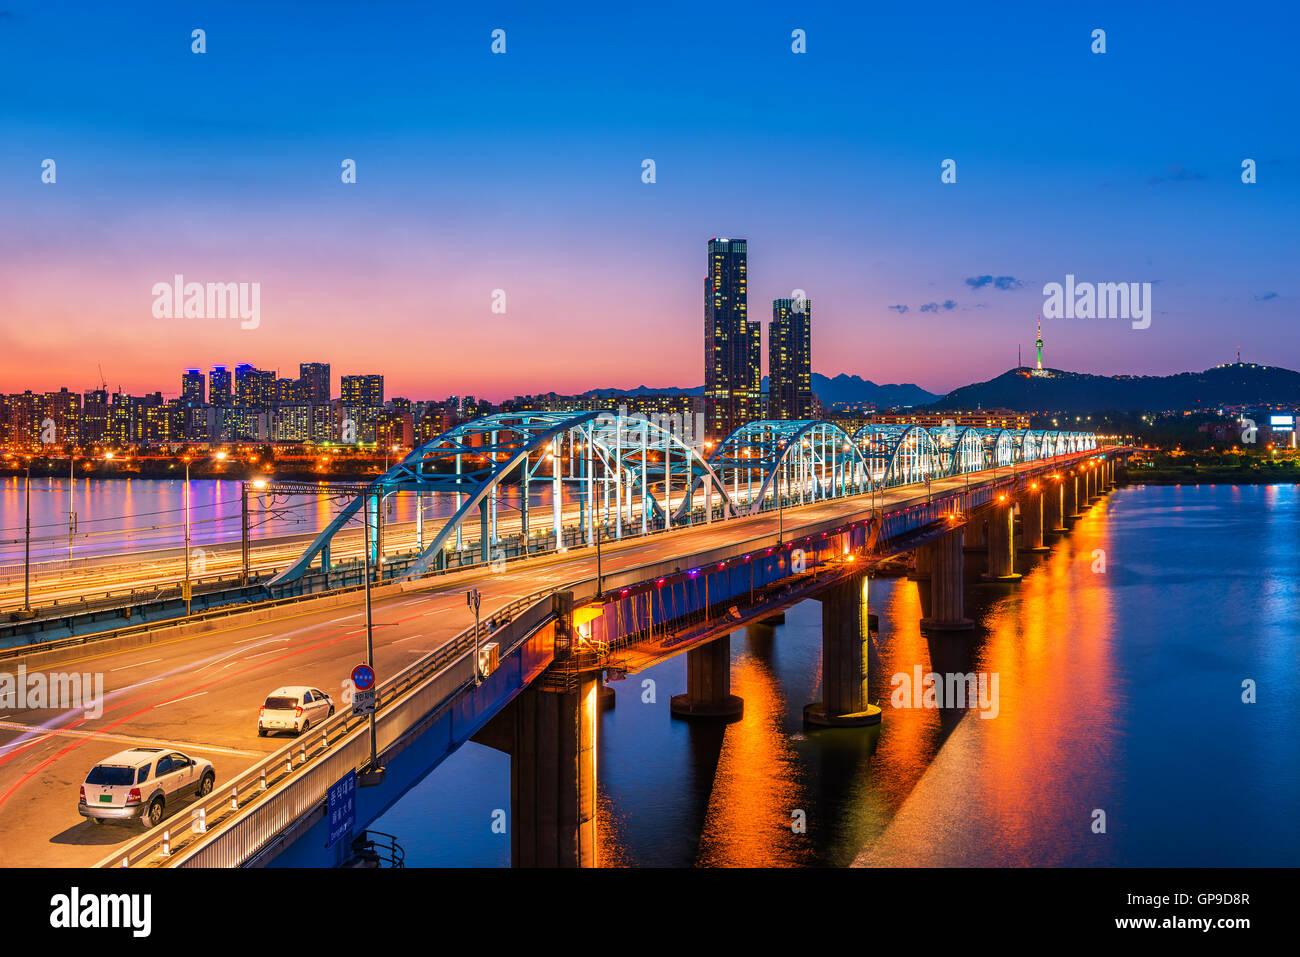 Dongjak Bridge e il fiume Han nella città di Seoul , Corea del Sud. Immagini Stock